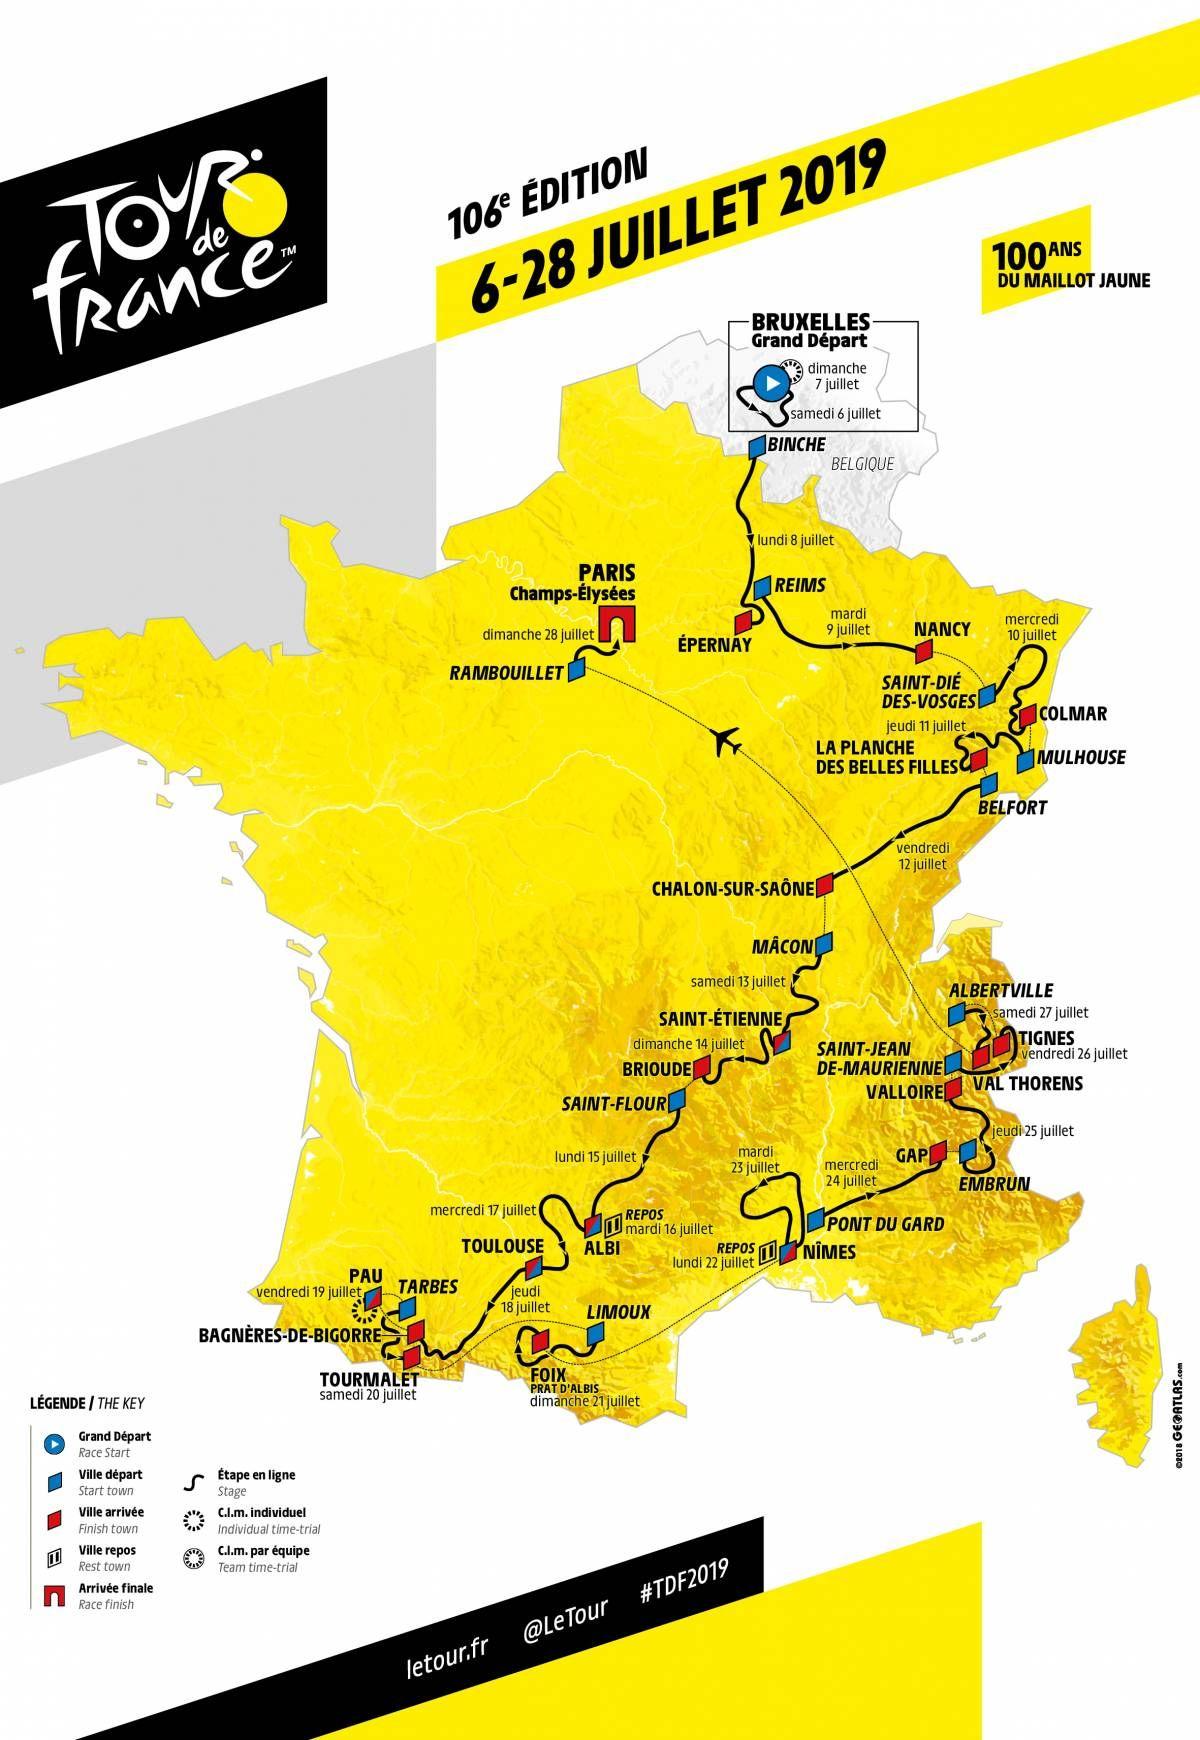 Tour De France Tour De France Tours Weather In France